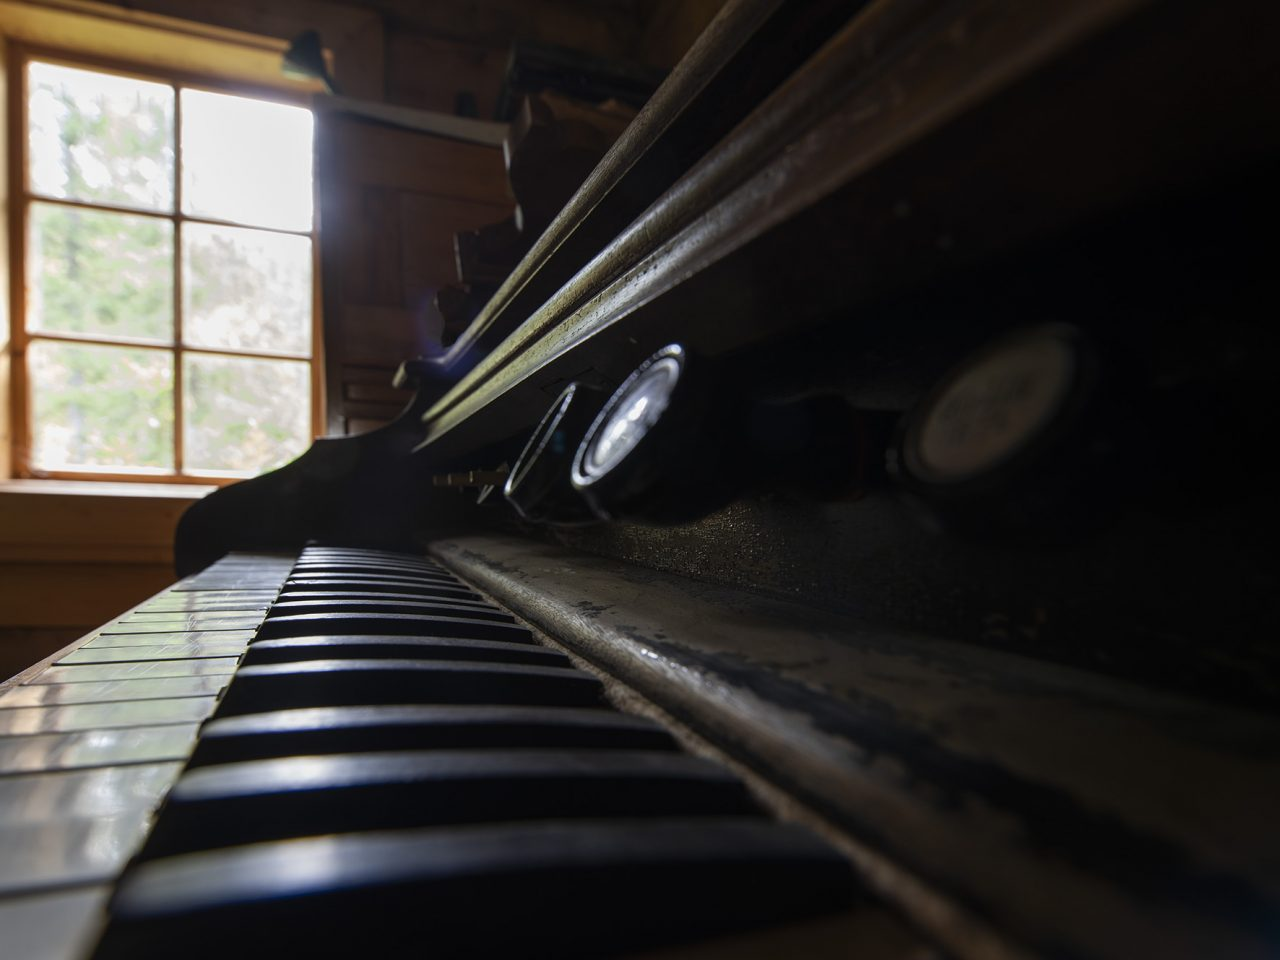 Orgeltangenter